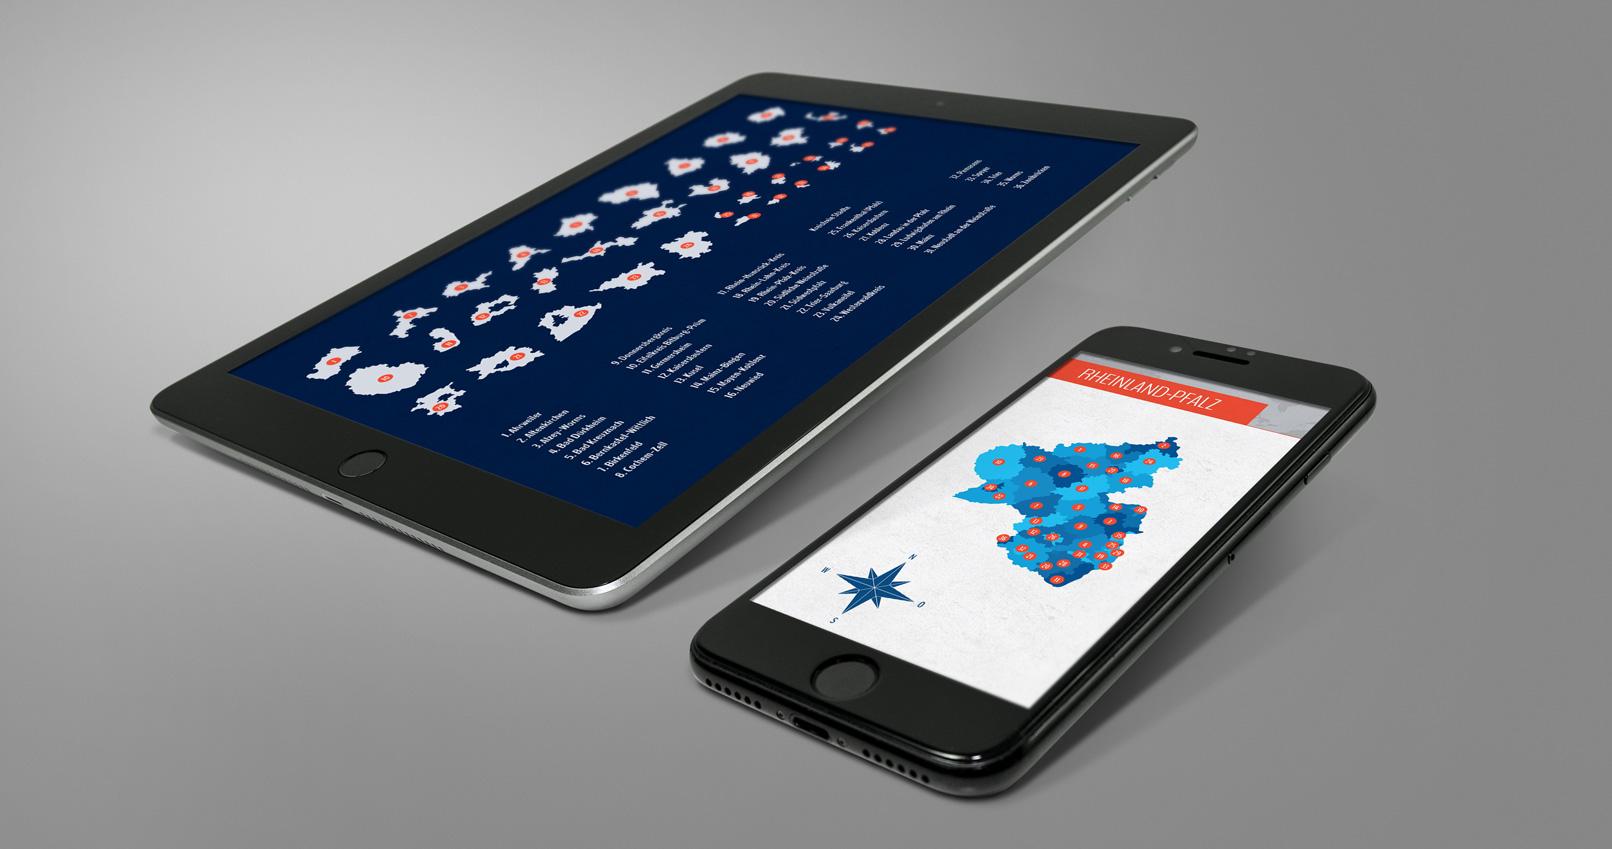 Tablet und Smartphone mit der Landkarte von Rheinland-Pfalz